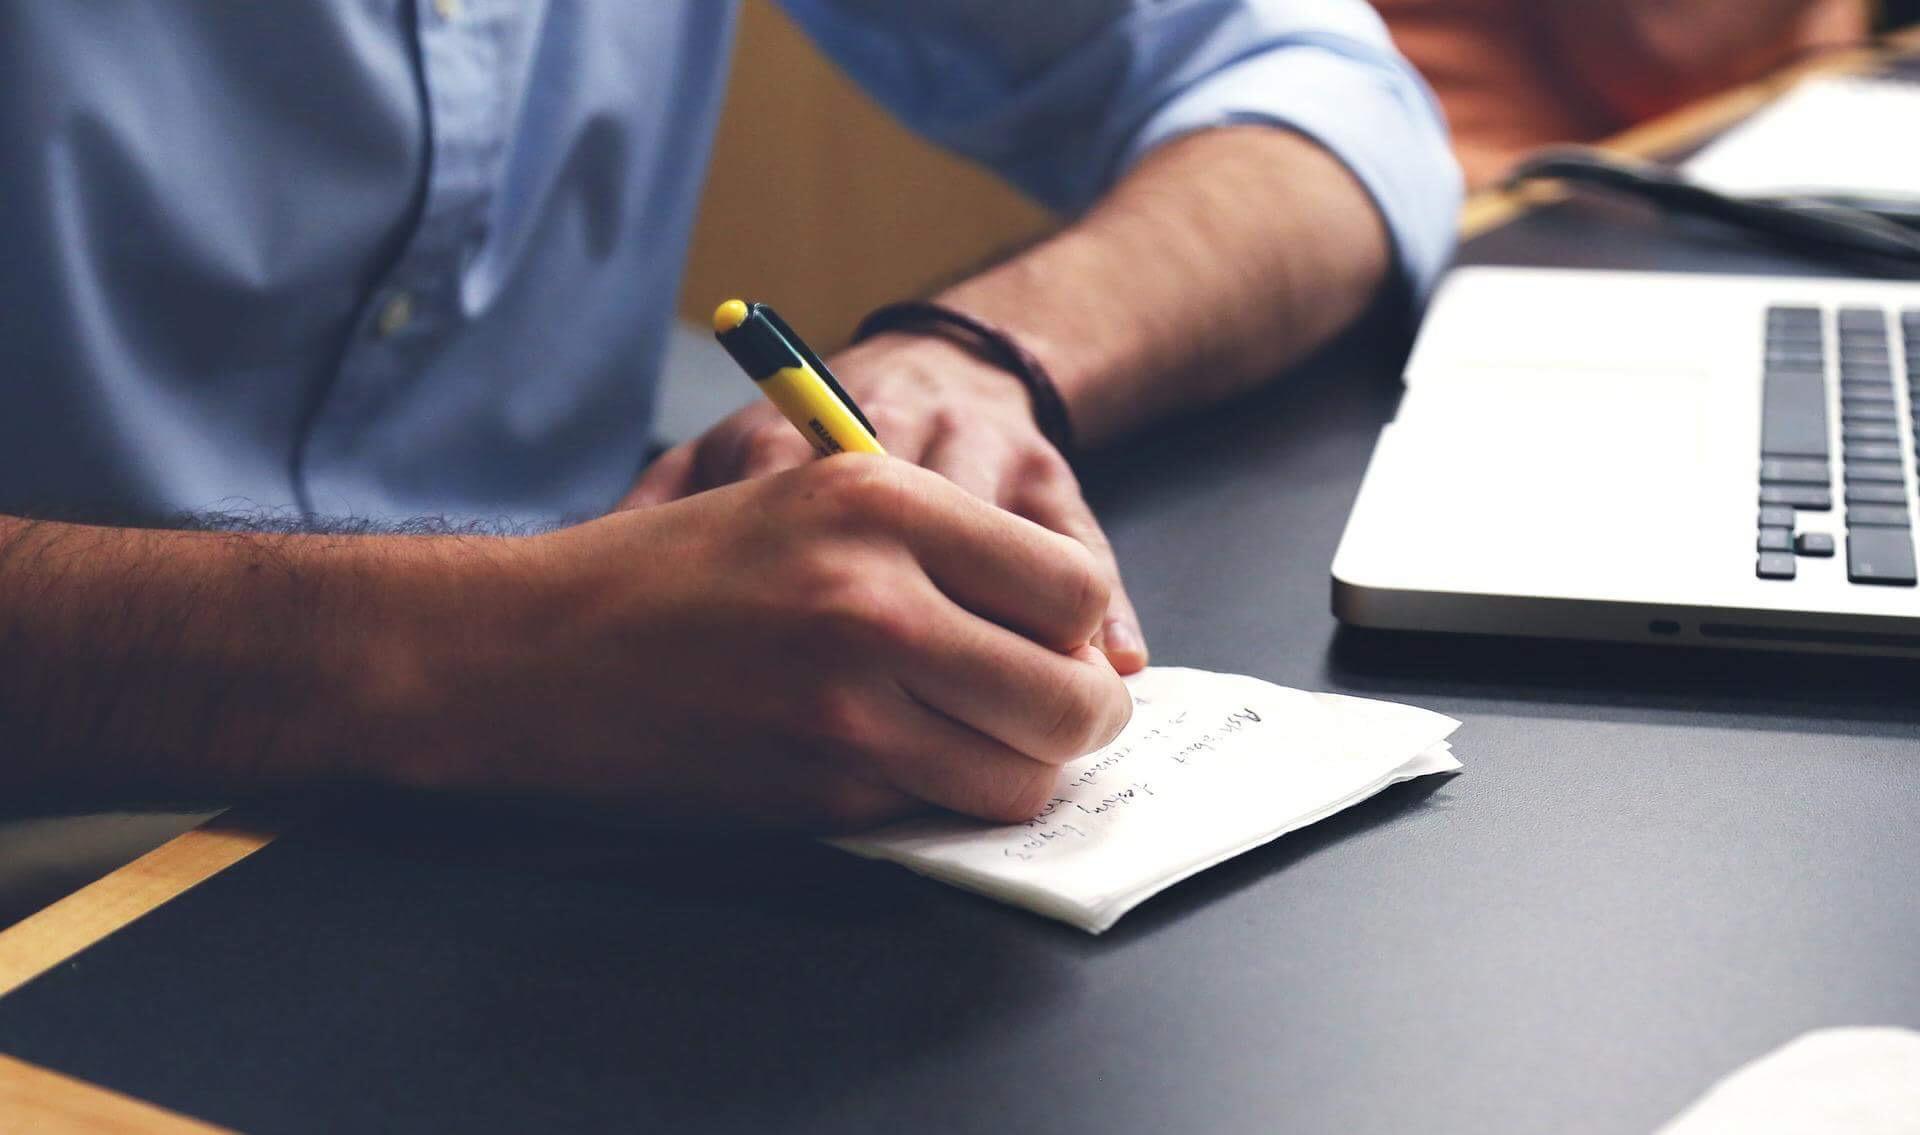 ประกาศรายชื่อผู้ผ่านการสอบคัดเลือกเข้าศึกษาต่อระดับปริญญาตรี มหาวิทยาลัยมหาจุฬาลงกรณราชวิทยาลัย ปีการศึกษา 2561